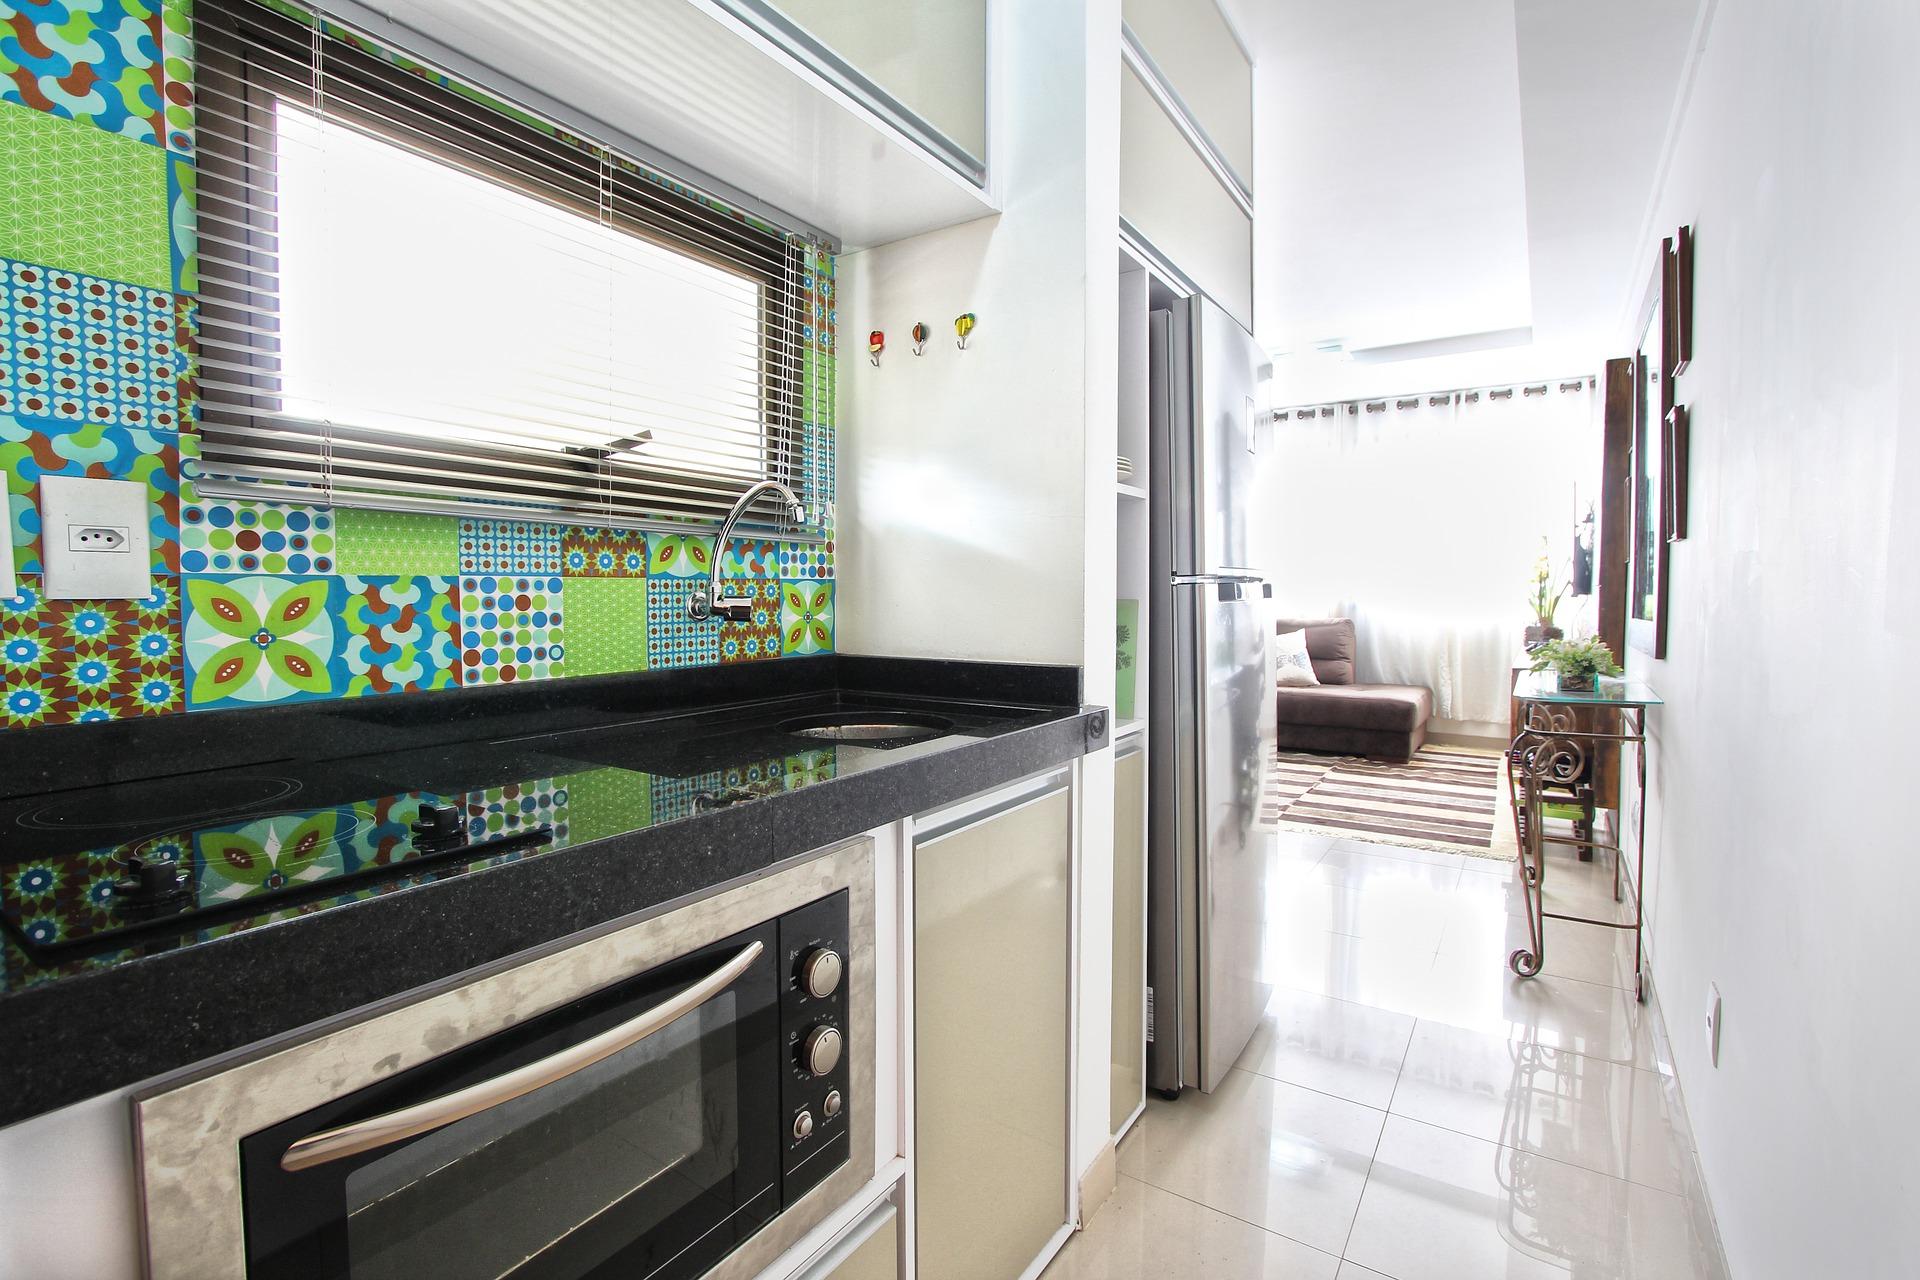 Anhaltende Hitze: Kann ein Ventilator wirklich die Wohnung kühlen ...